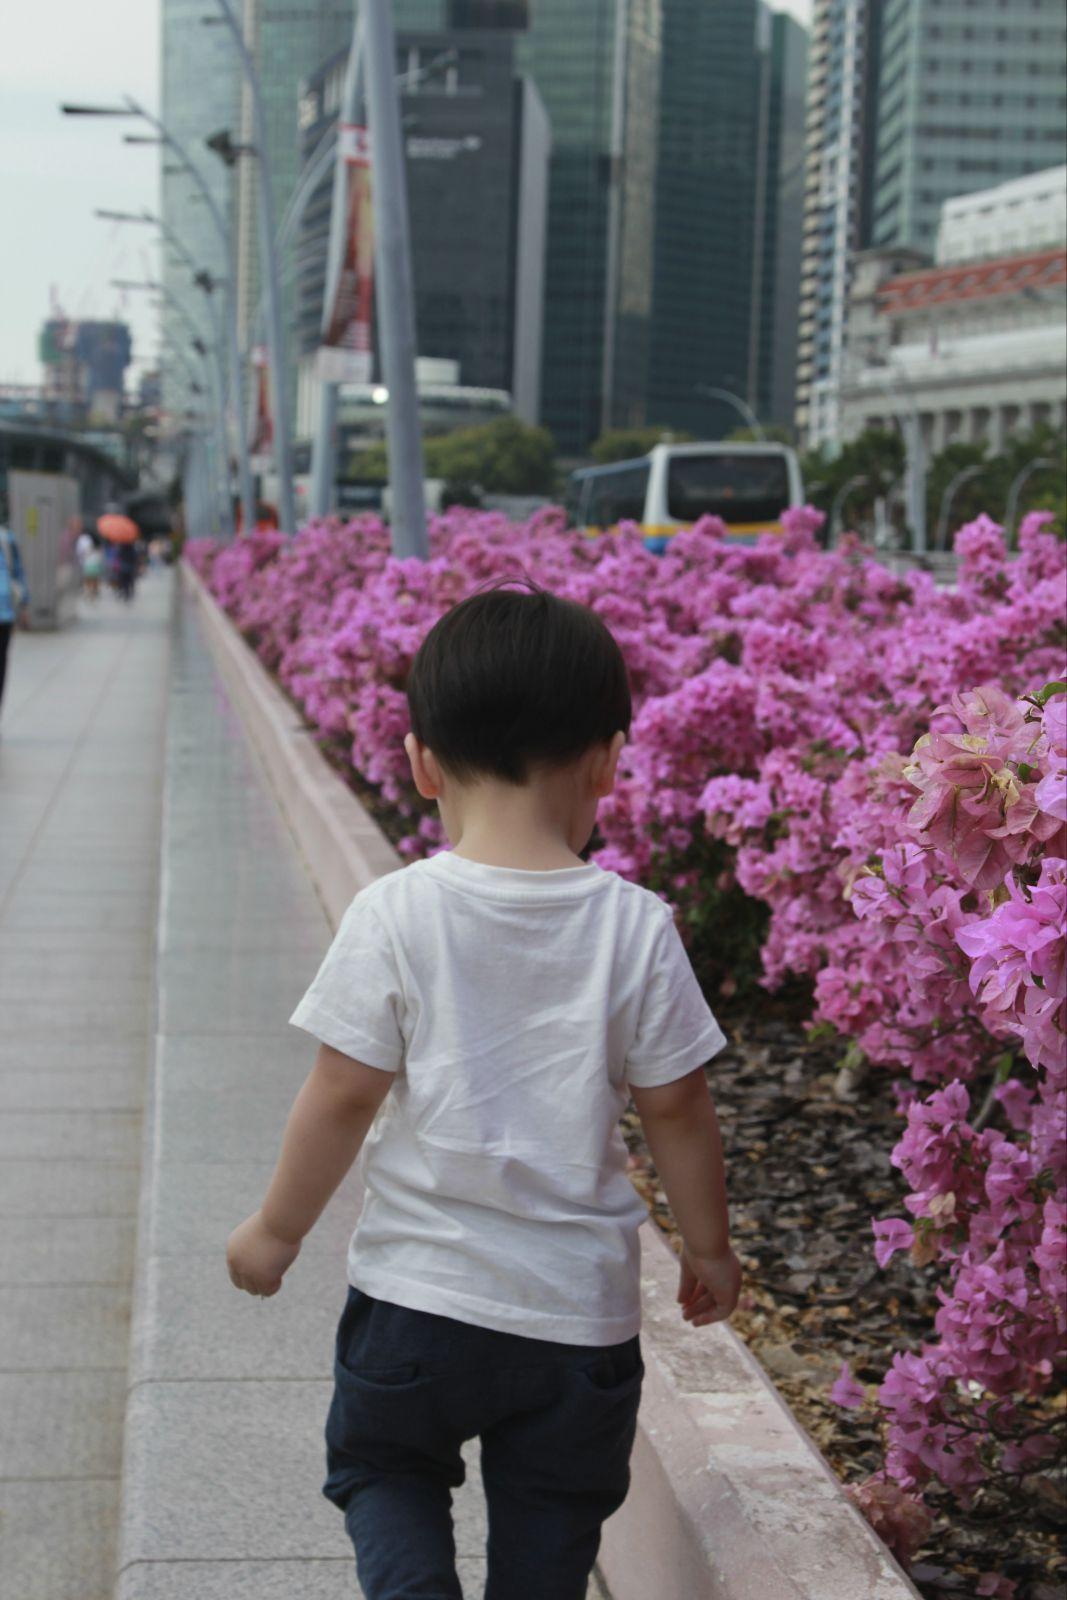 其结果我这个外国人感动涕零在这里长篇码字将新加坡歌颂.